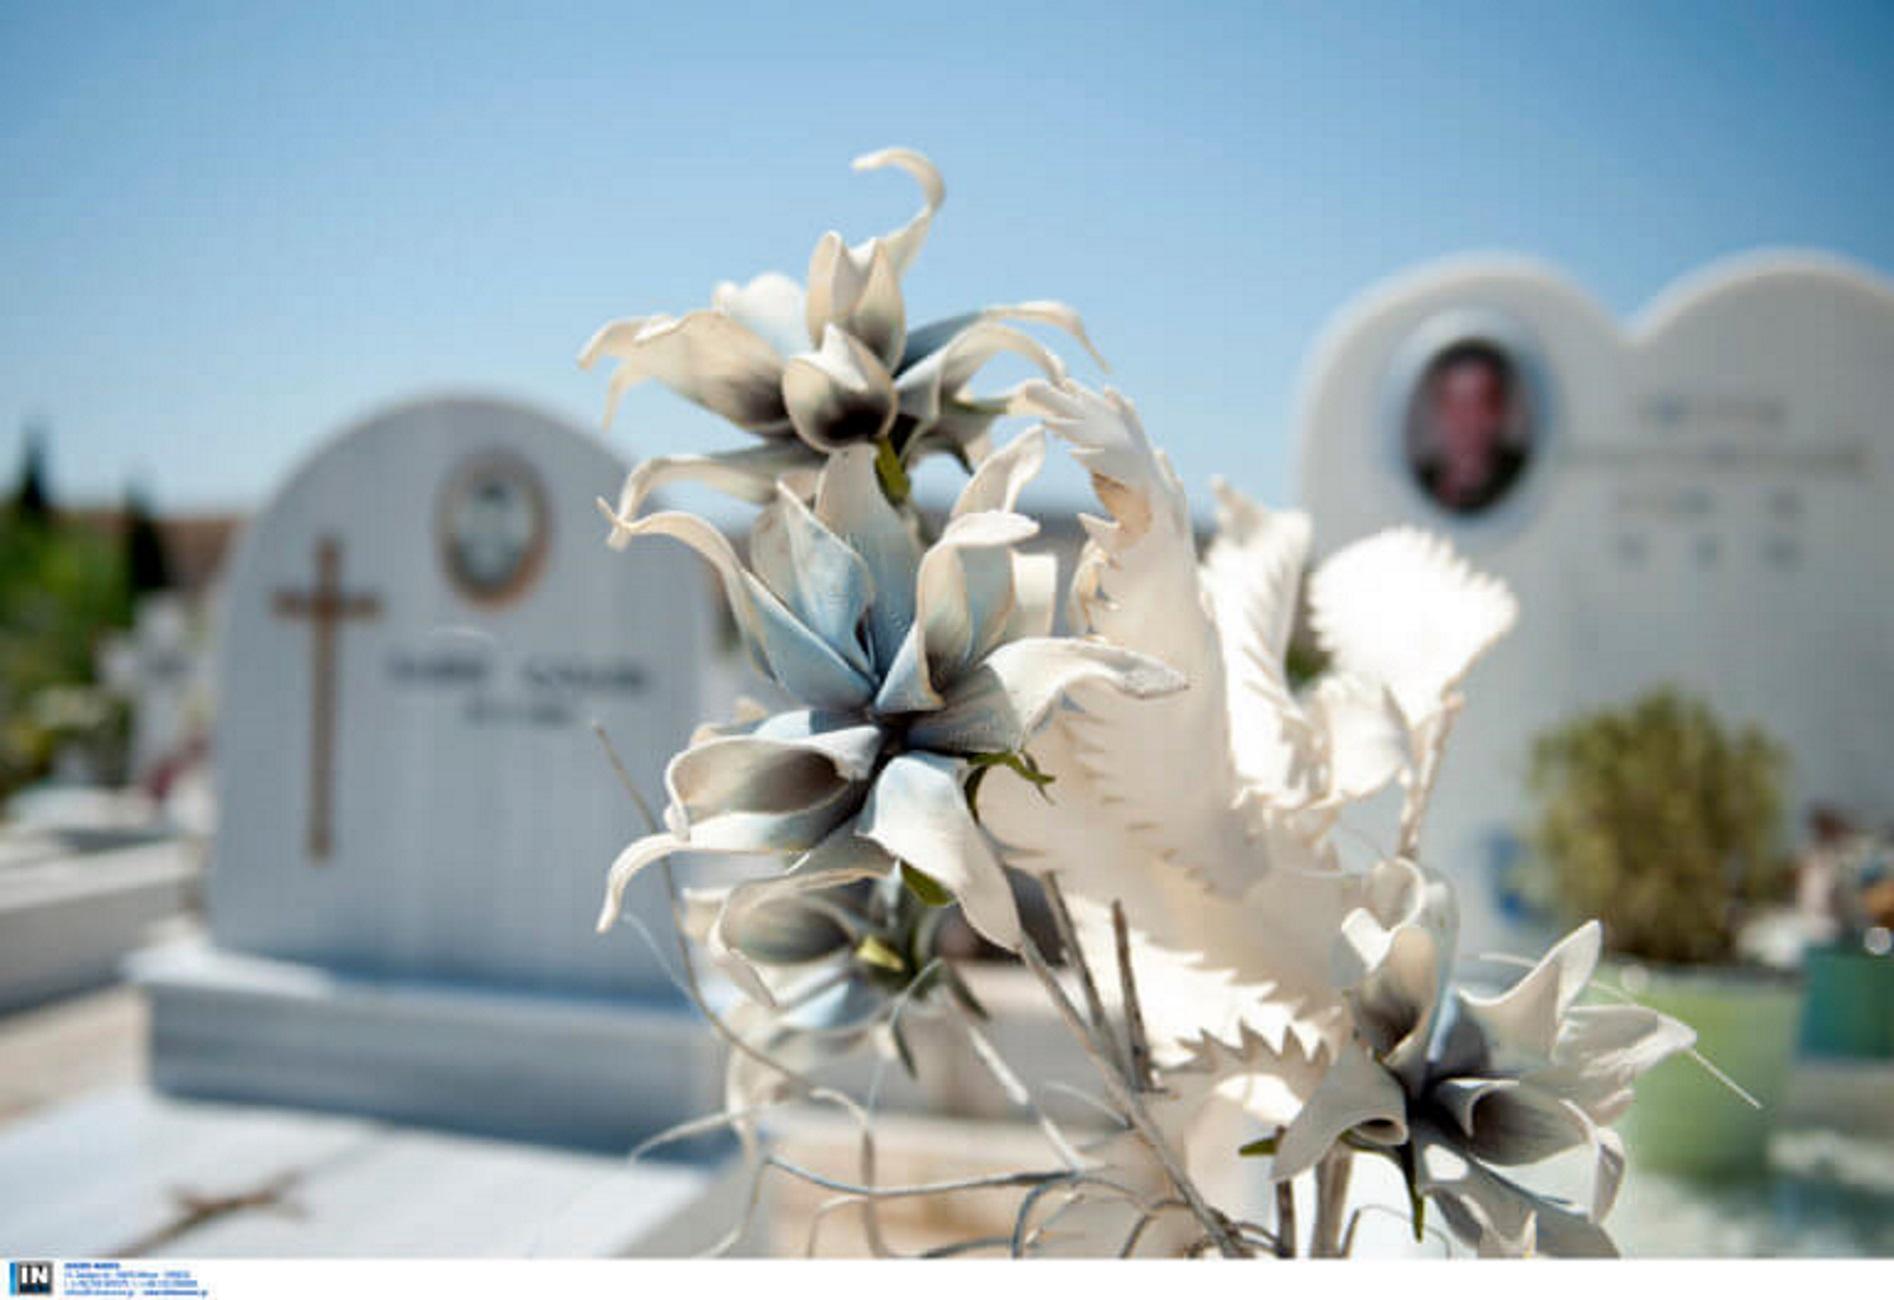 Δράμα – Κορονοϊός: Εξηγήσεις για τα 2.000 άτομα σε κηδεία ιερέα – Οι εικόνες που προκάλεσαν «θύελλα»